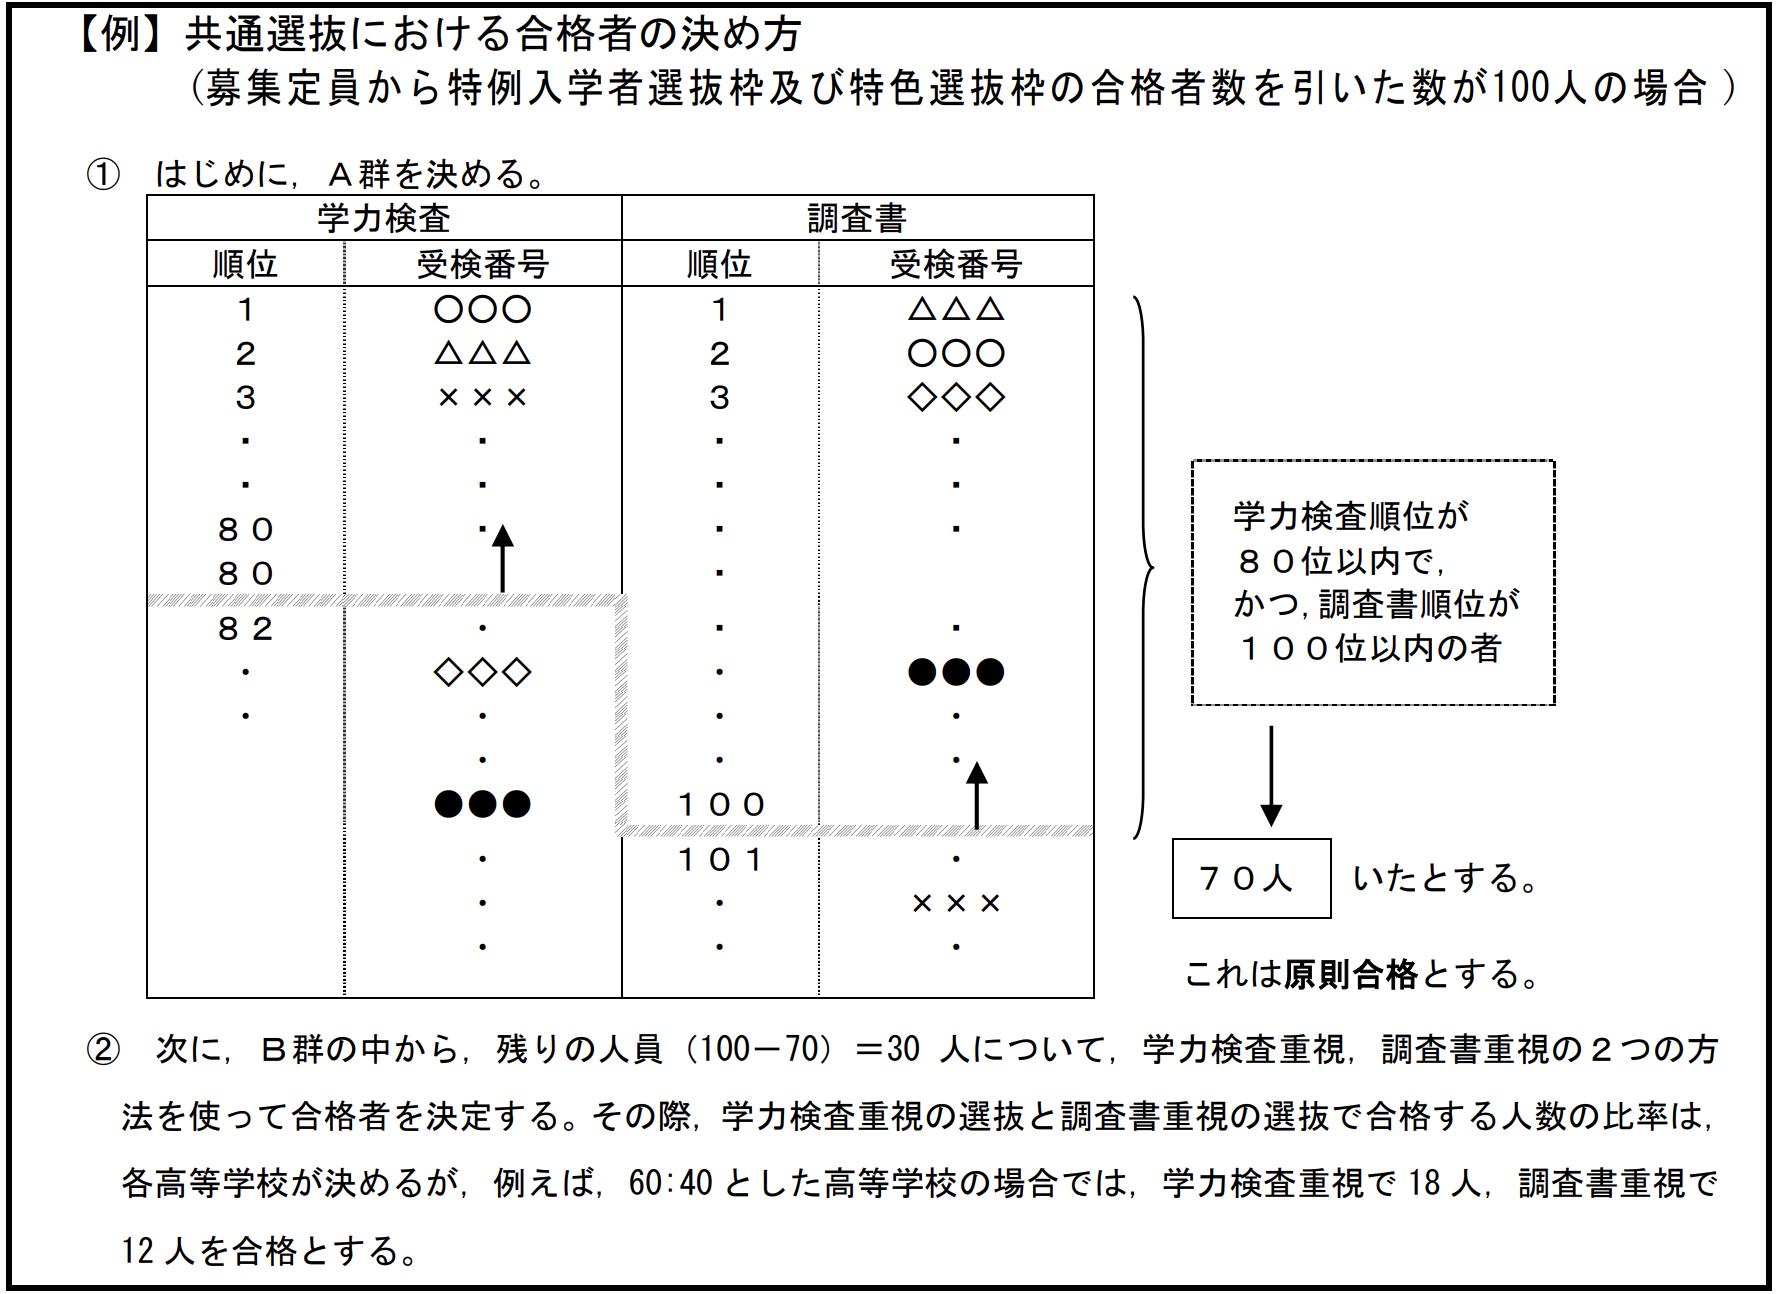 千葉県公立高校入試、共通選抜の選抜方法1